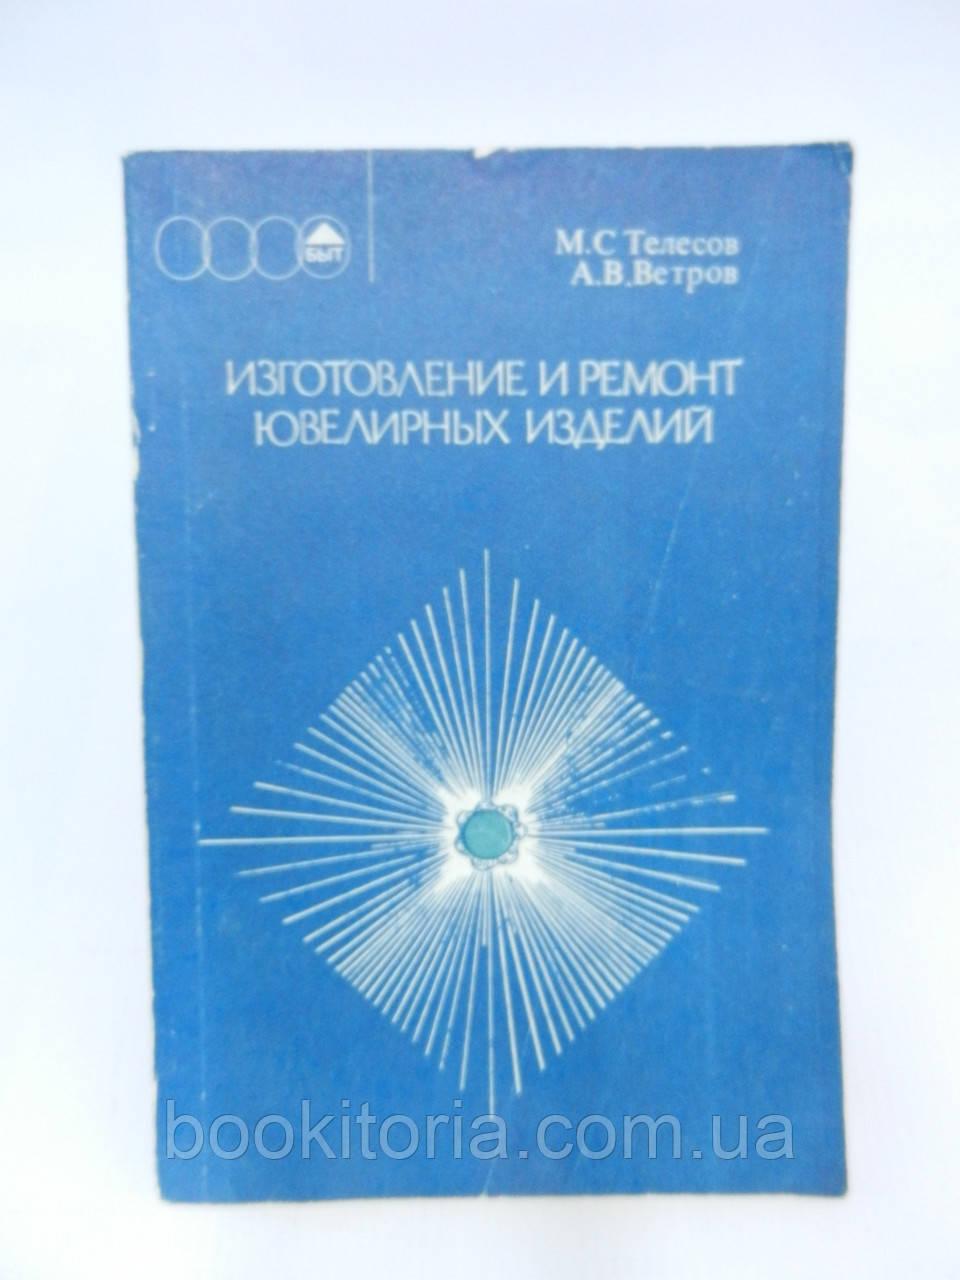 Телесов М.С., Ветров А.В. Изготовление и ремонт ювелирных изделий (б/у).